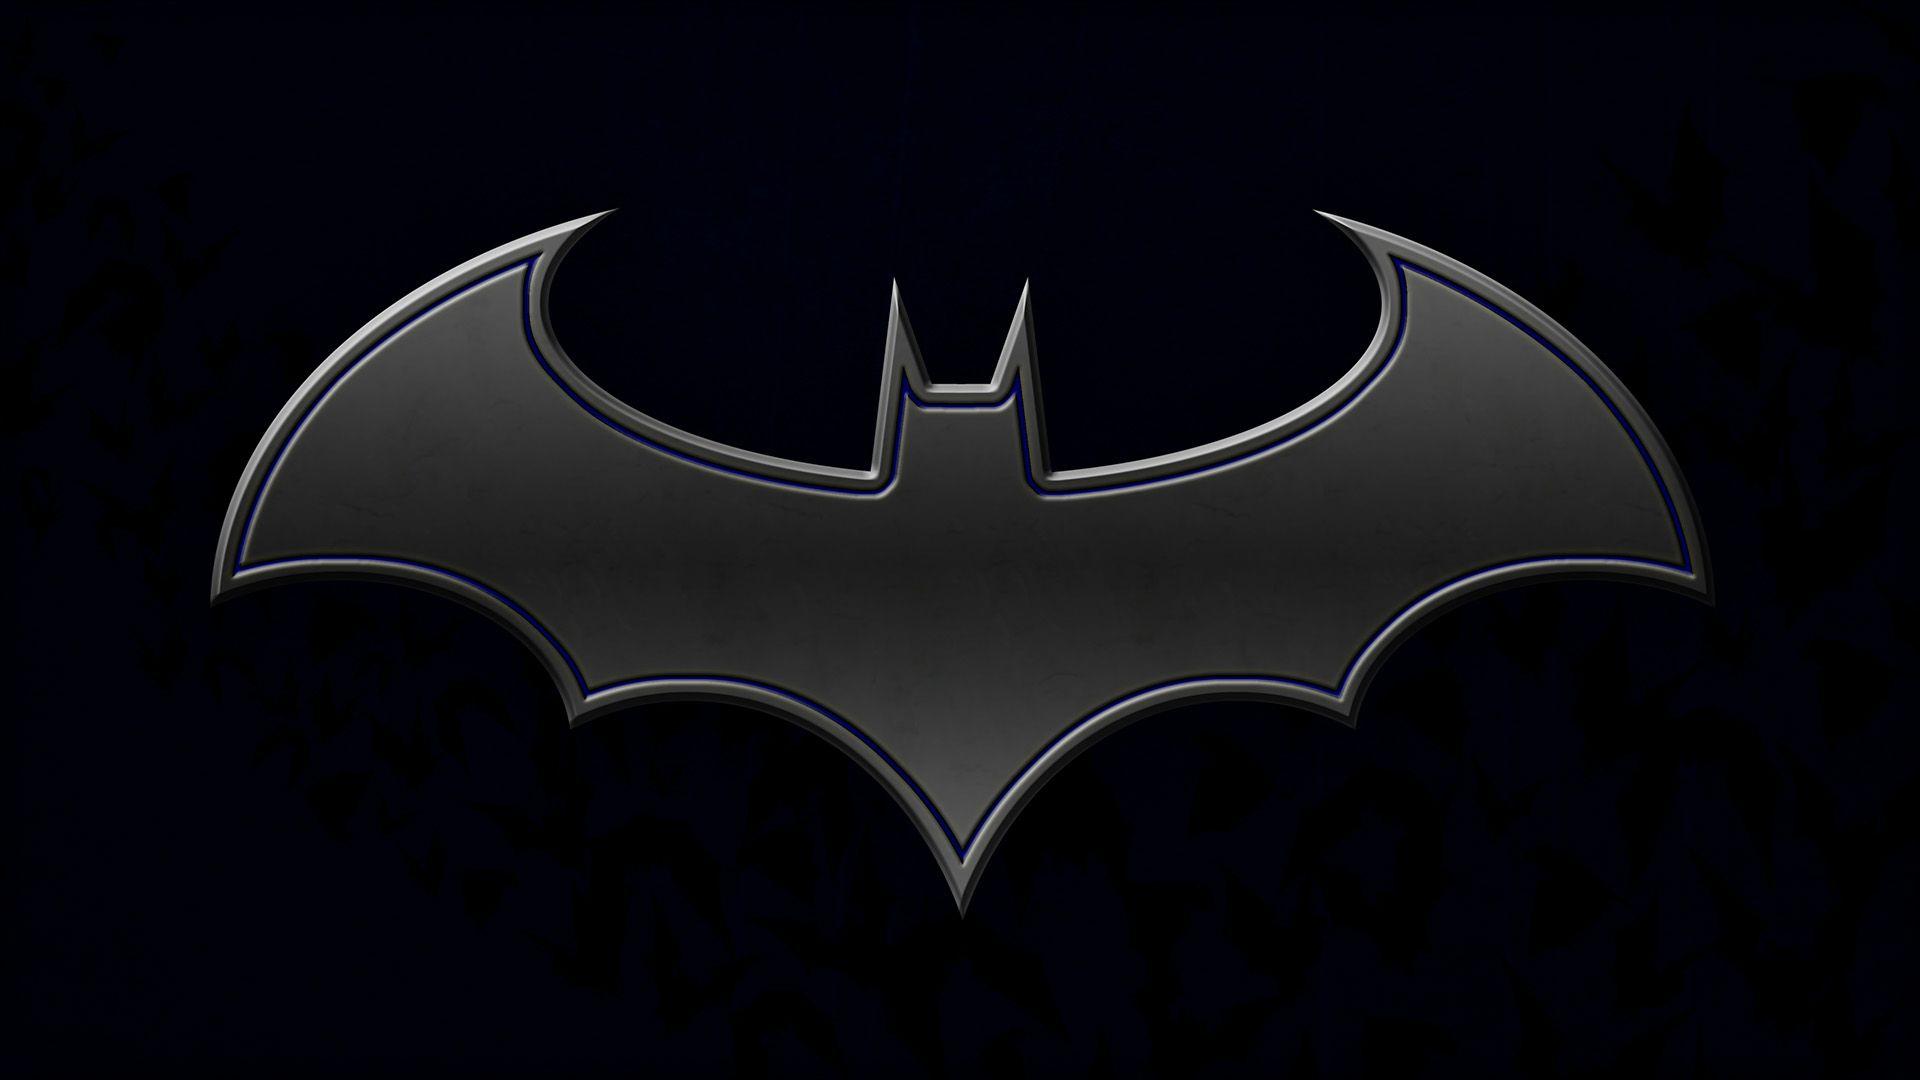 Batman Hd Wallpaper For Iphone Batman Wallpaper Hd Batman